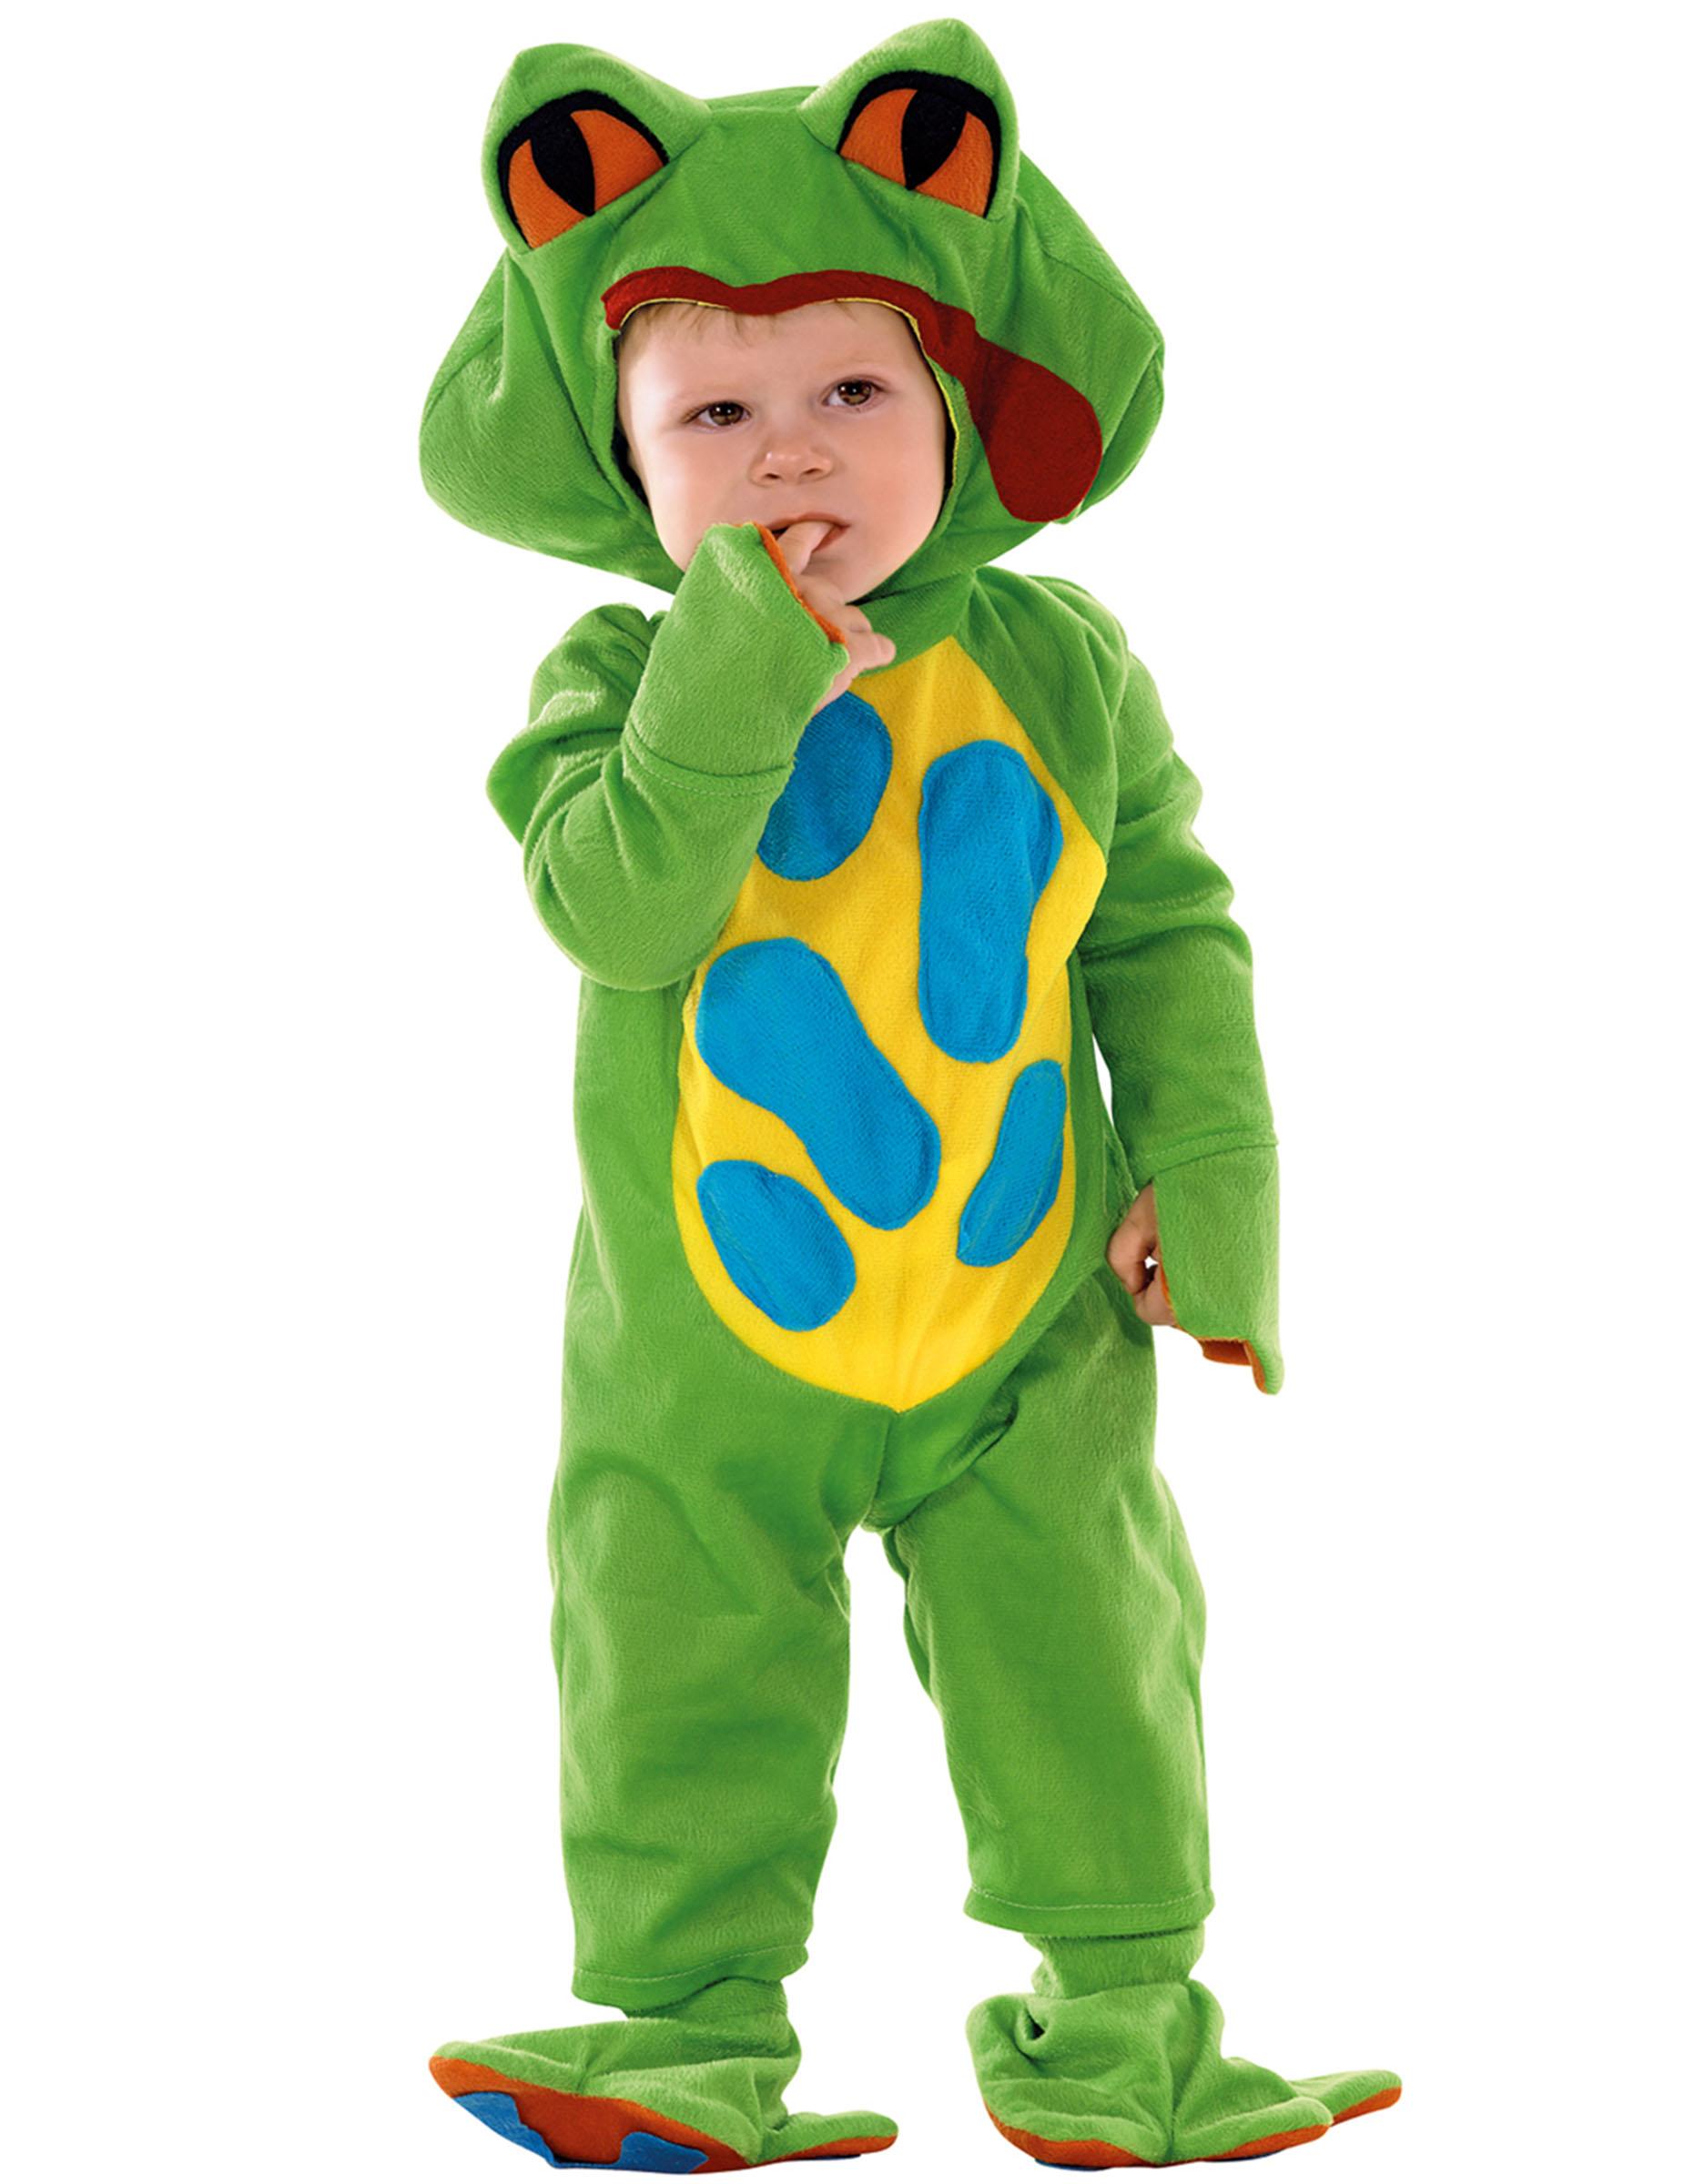 d guisement grenouille verte b b deguise toi achat de d guisements enfants. Black Bedroom Furniture Sets. Home Design Ideas